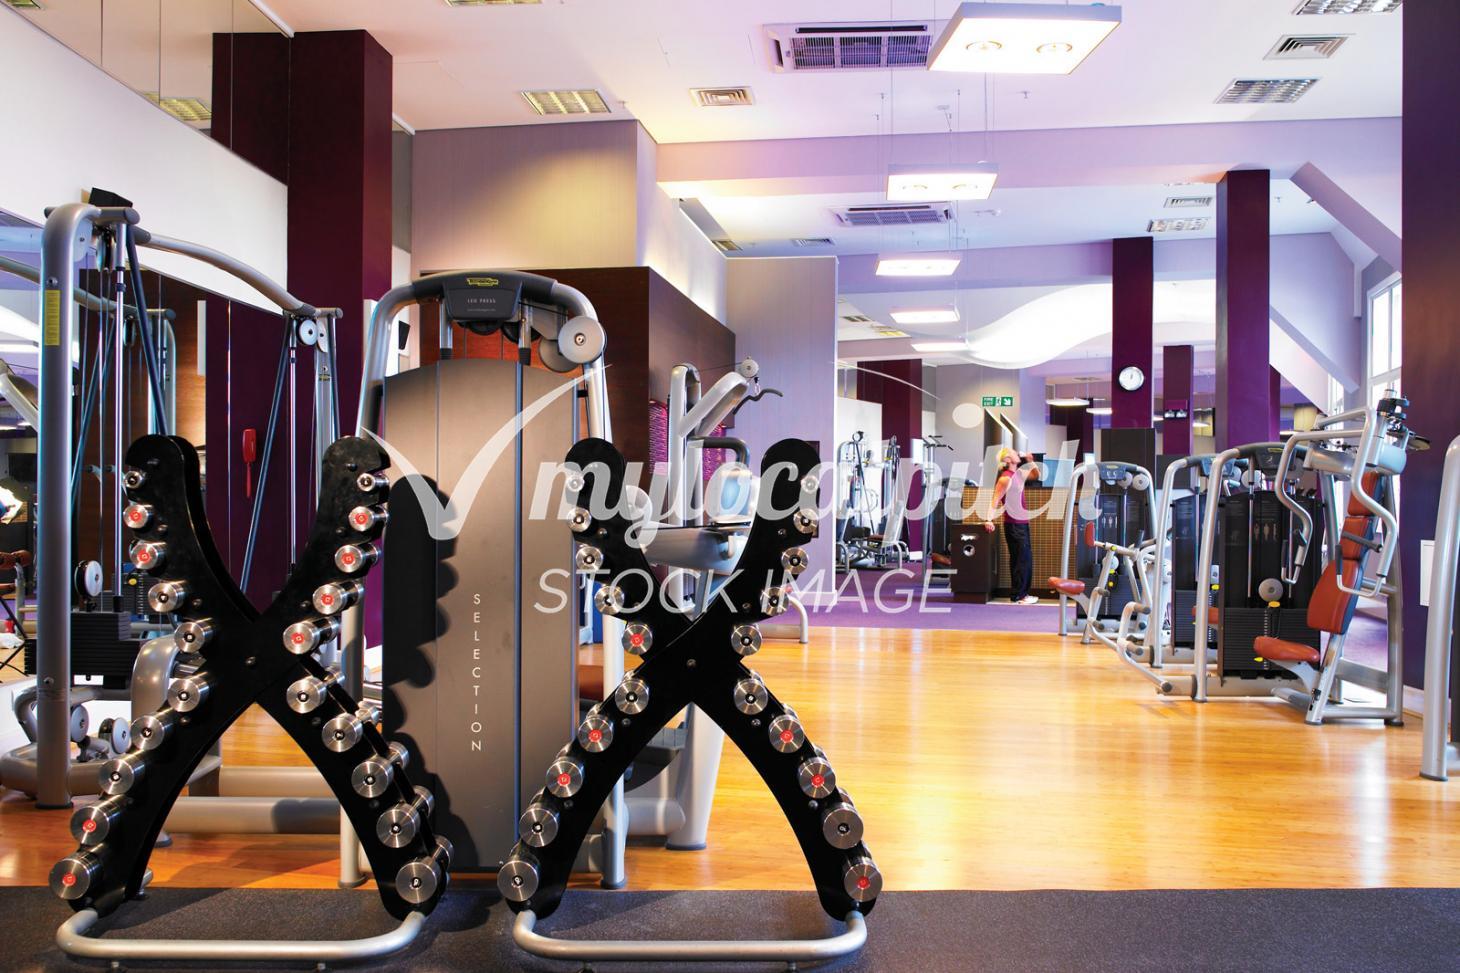 Dulwich College Sports Club Gym gym